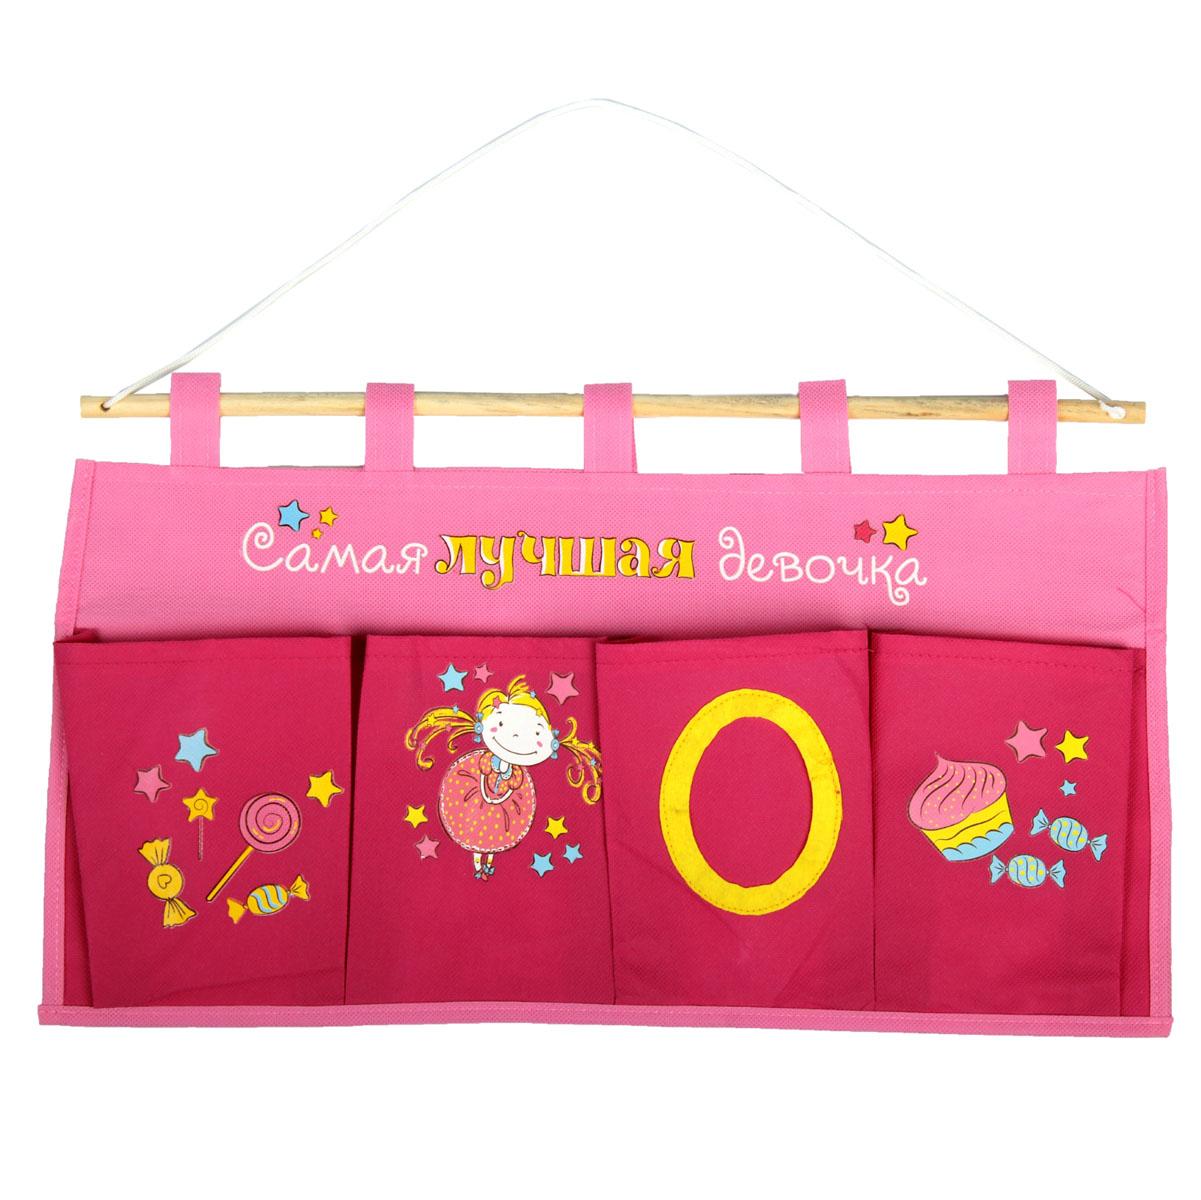 Кармашки на стену Sima-land Самая лучшая девочка, цвет: розовый, бордовый, желтый, 4 шт кармашки на стену sima land люблю школу цвет красный желтый коричневый 5 шт